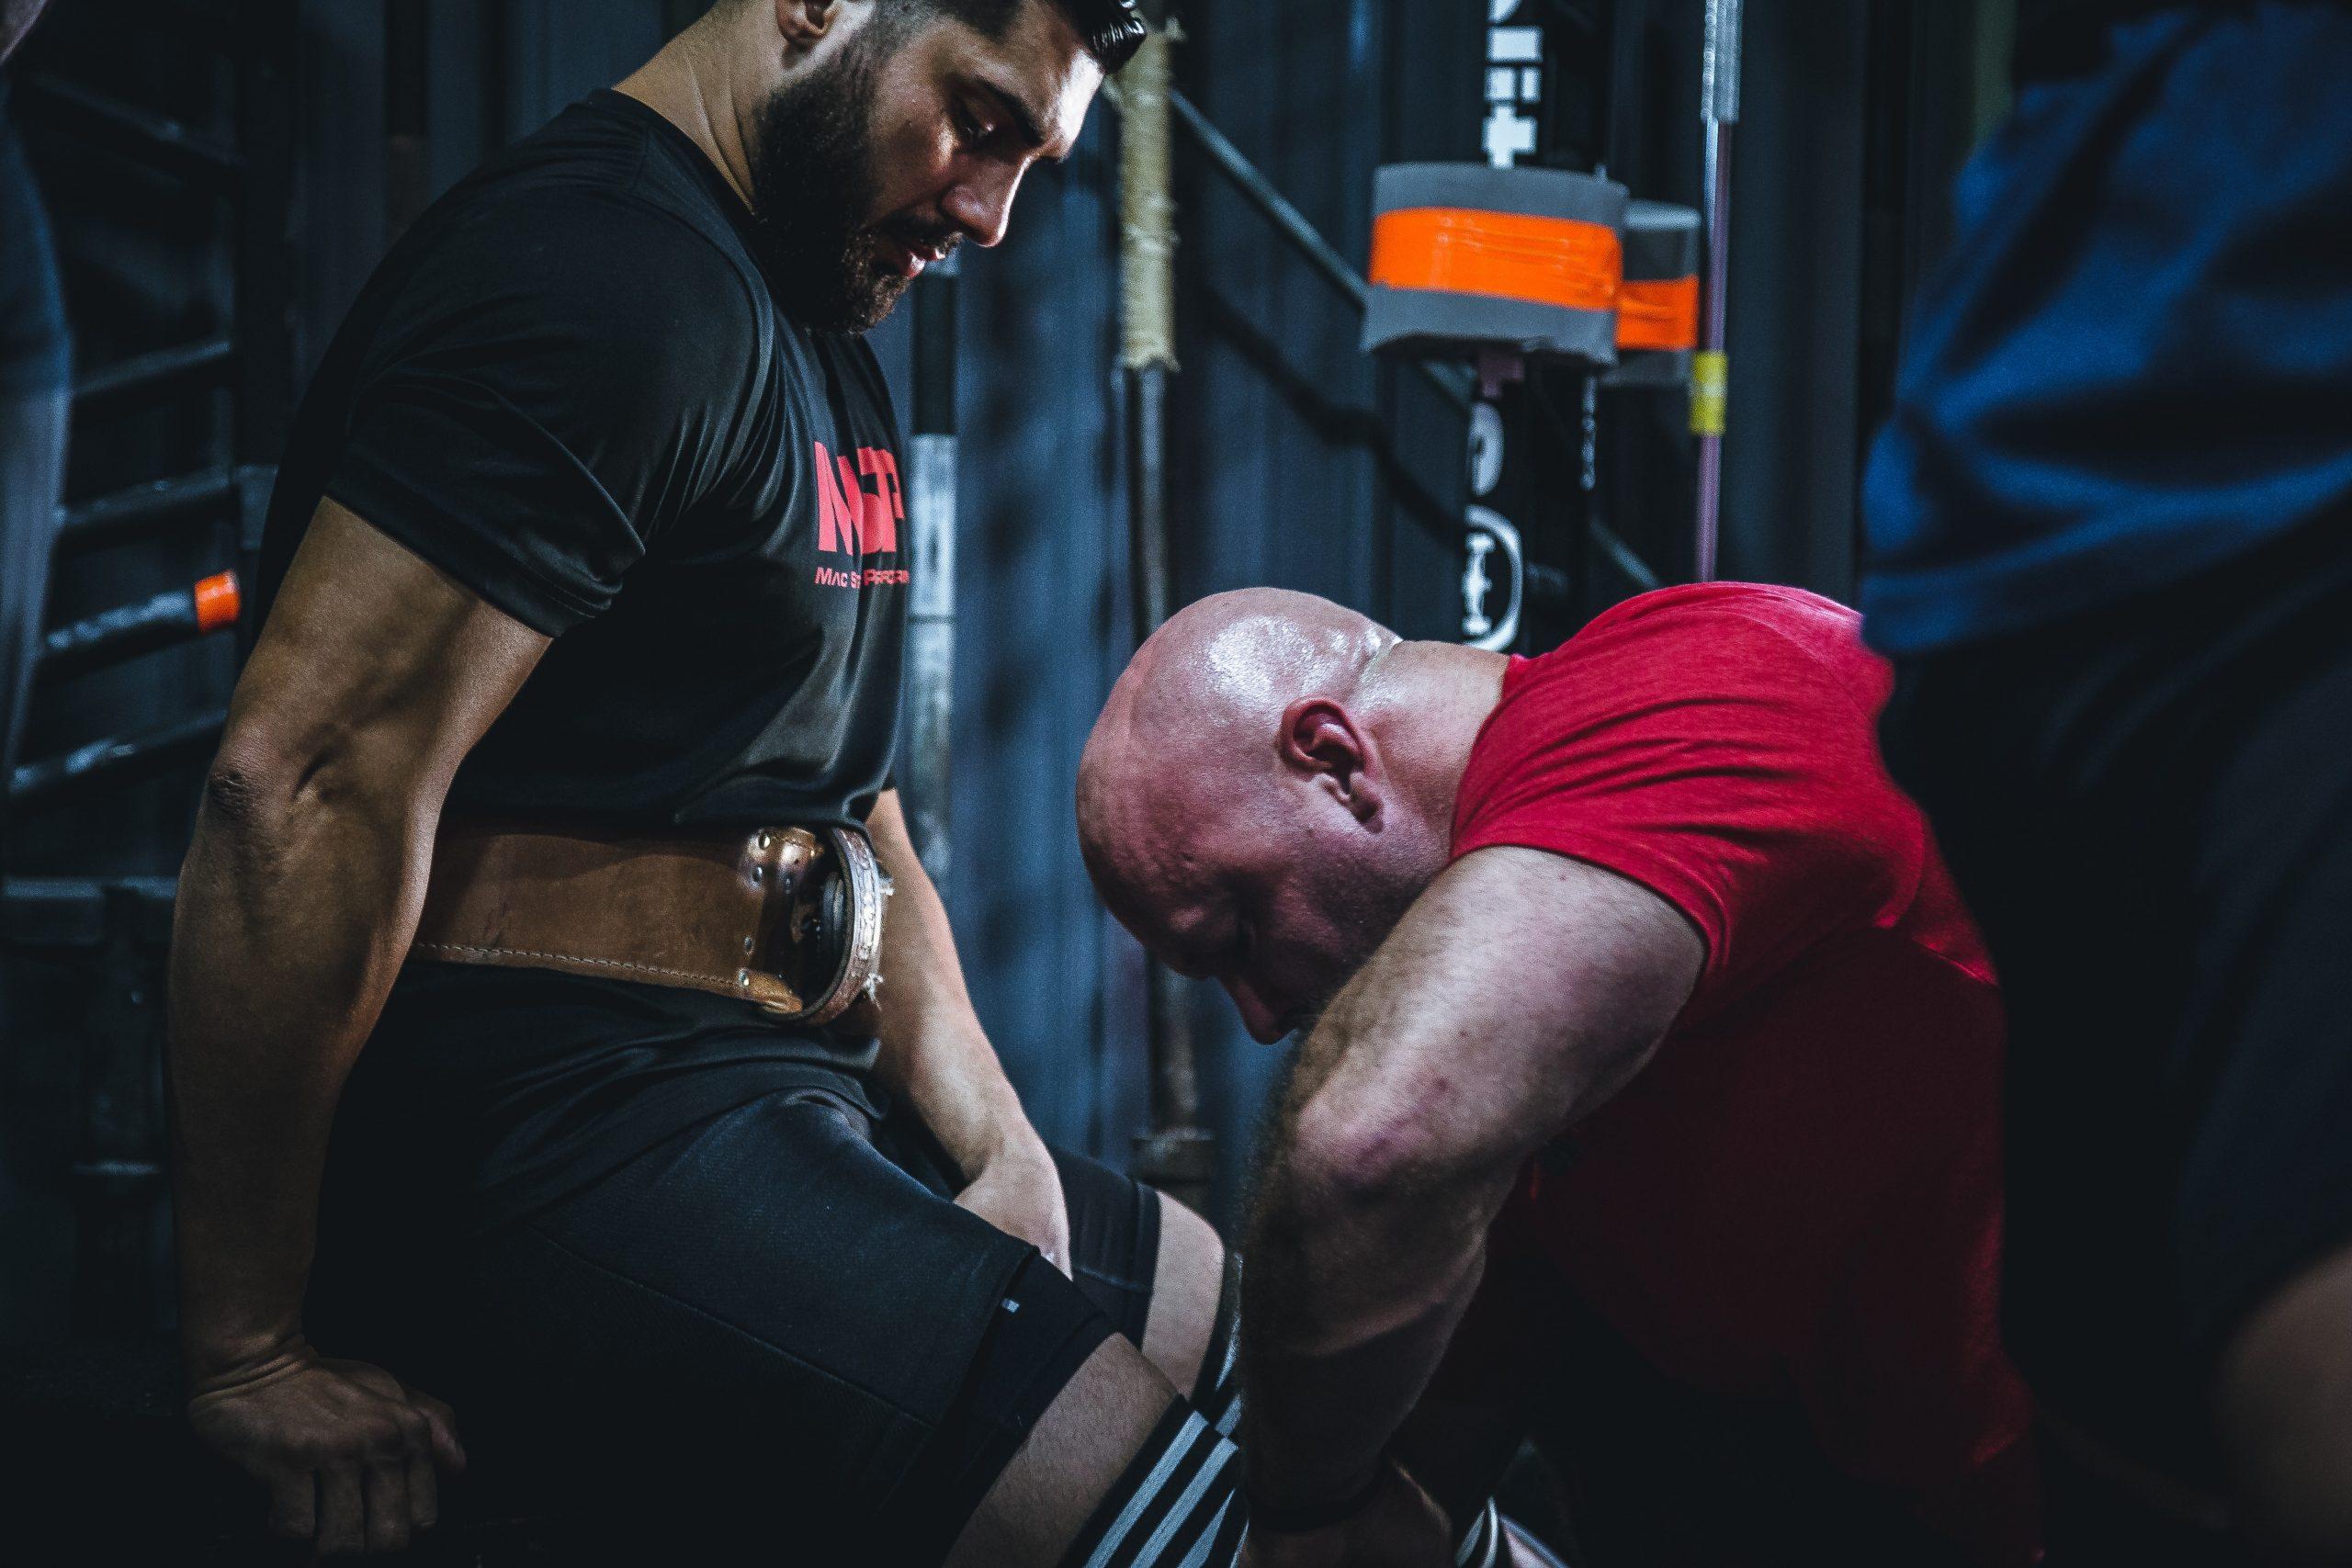 Dos personas ejercitandose en gimnasio